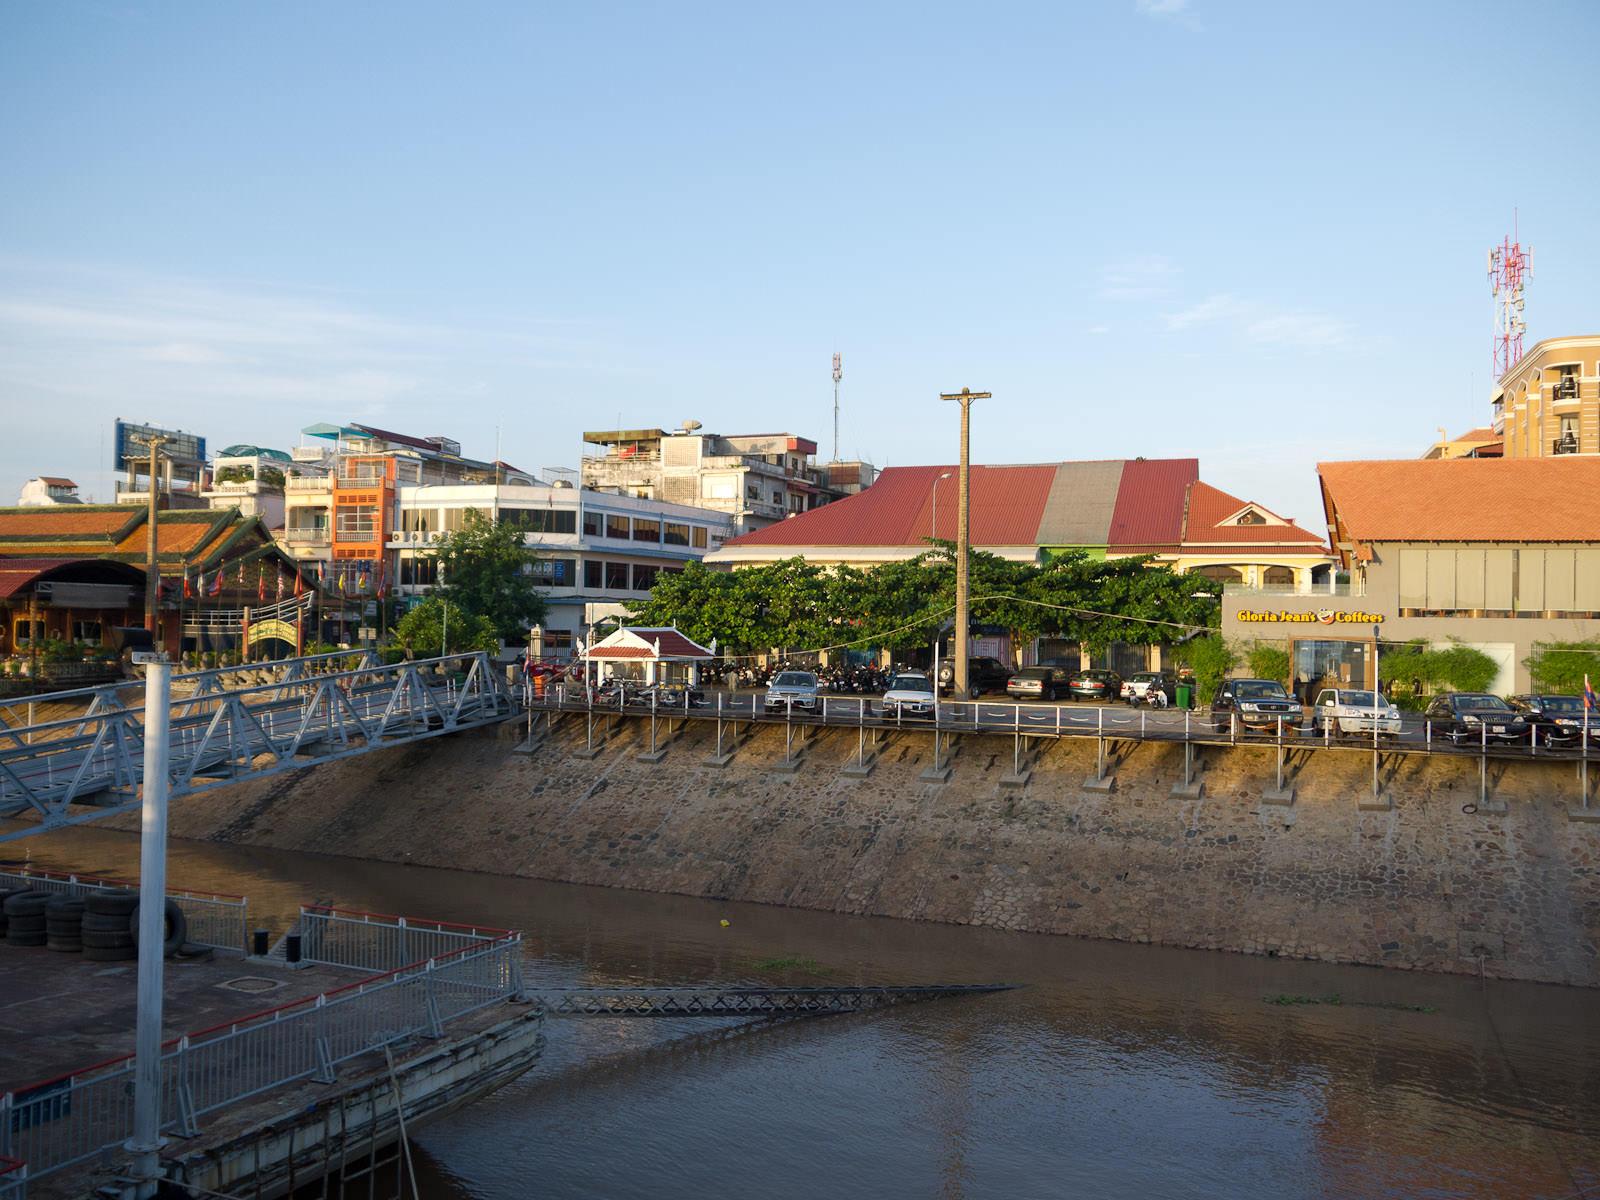 Moored at Phnom Penh